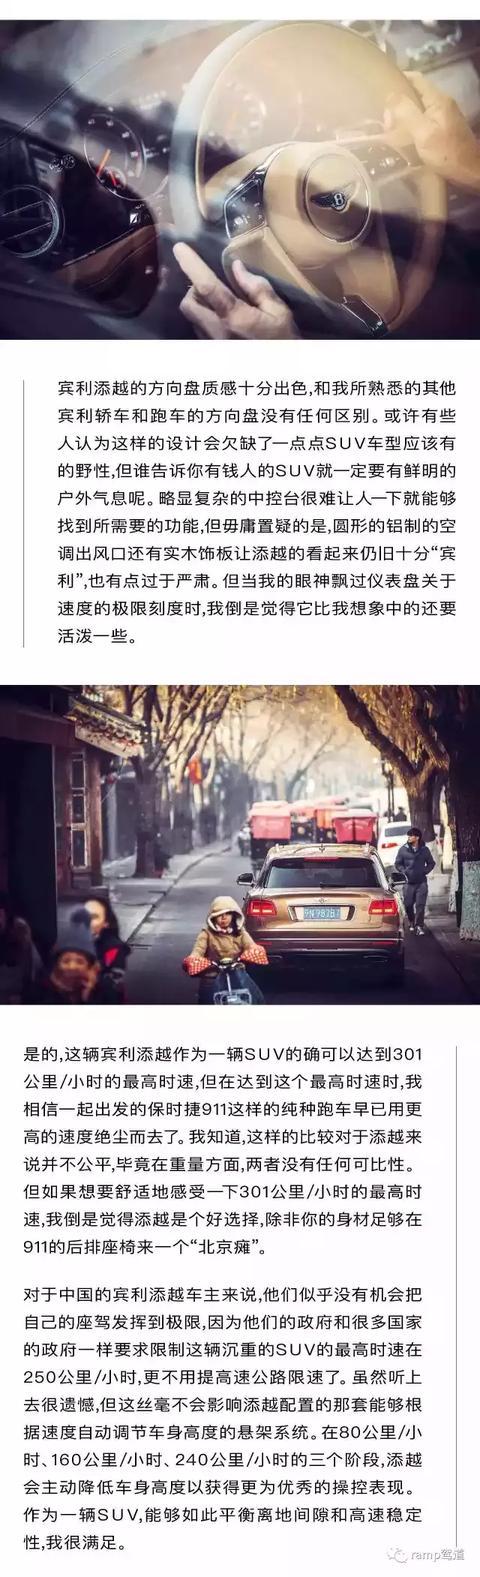 北京 老外 宾利 | 雾霾中的避难所